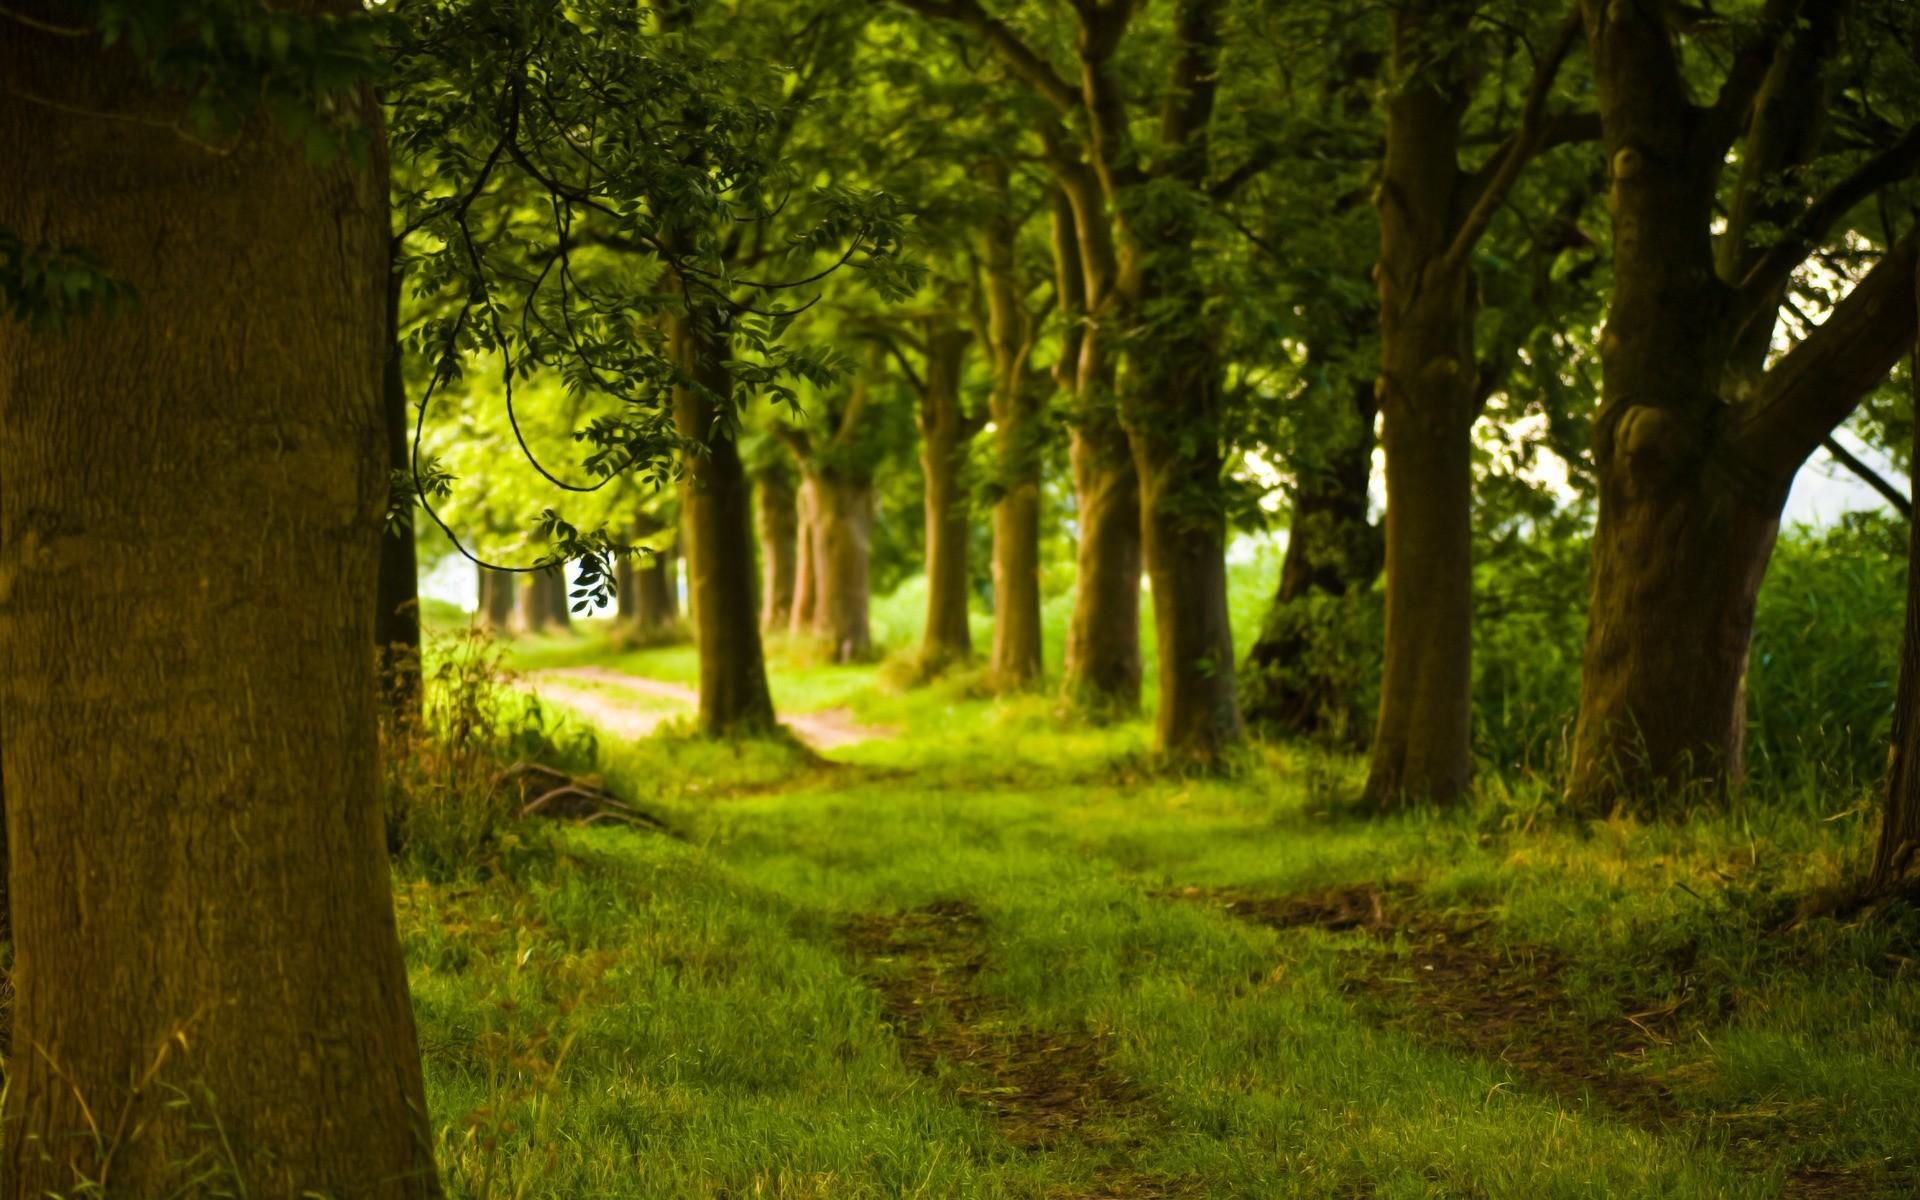 Summer Green Forest Path Wallpaper 7465